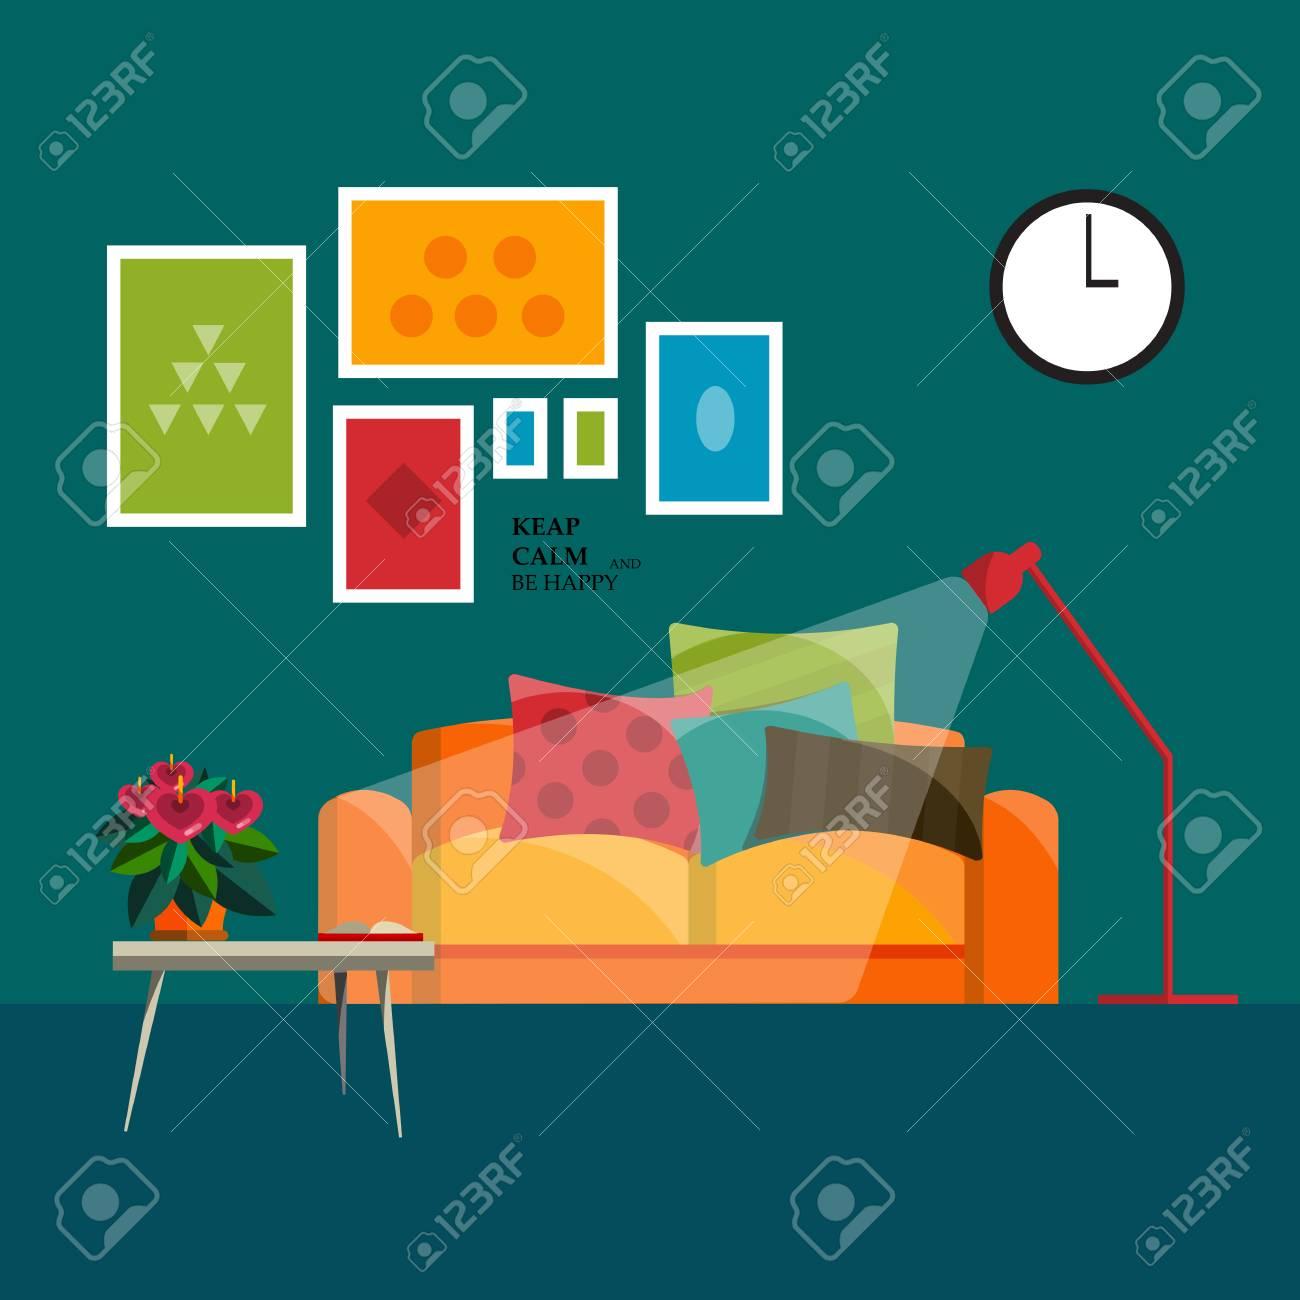 Wohnzimmerwand. Möbel Für Wohnzimmer. Wohnzimmer In Flachen Stil. Konzept  Für Wohnzimmer. Wohnzimmer Interieur Set.